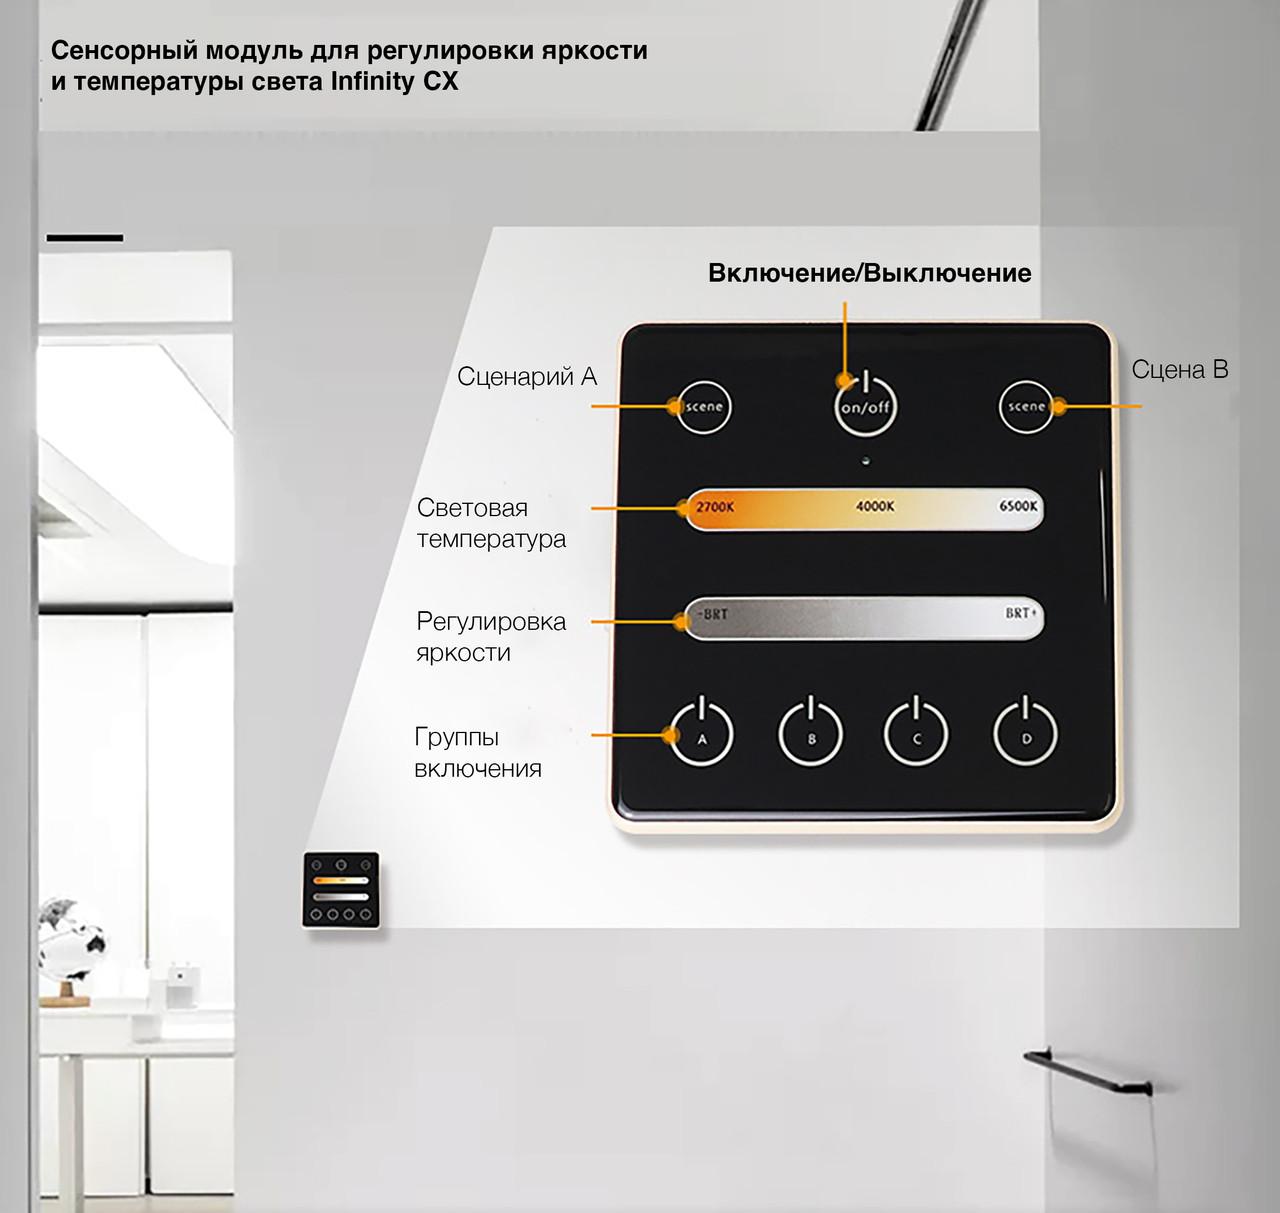 Сенсорный модуль Infinity CX-36